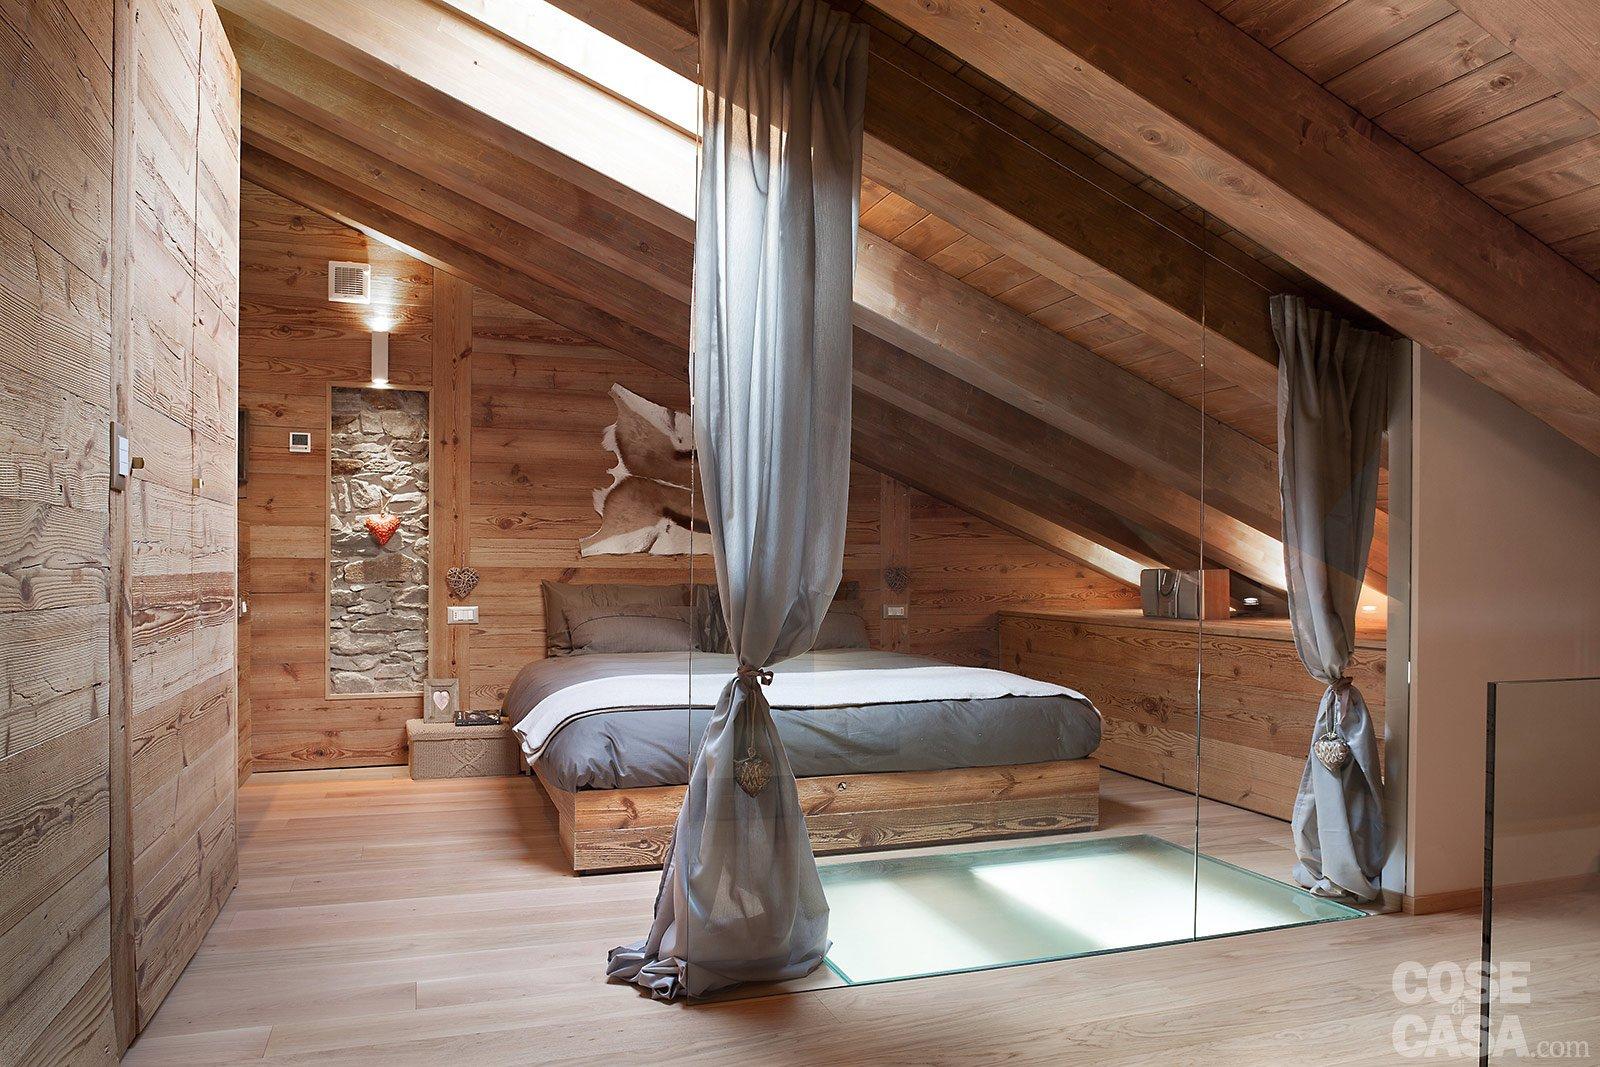 Chalet moderno una casa di montagna in stile rustico for Disegni mobili casa